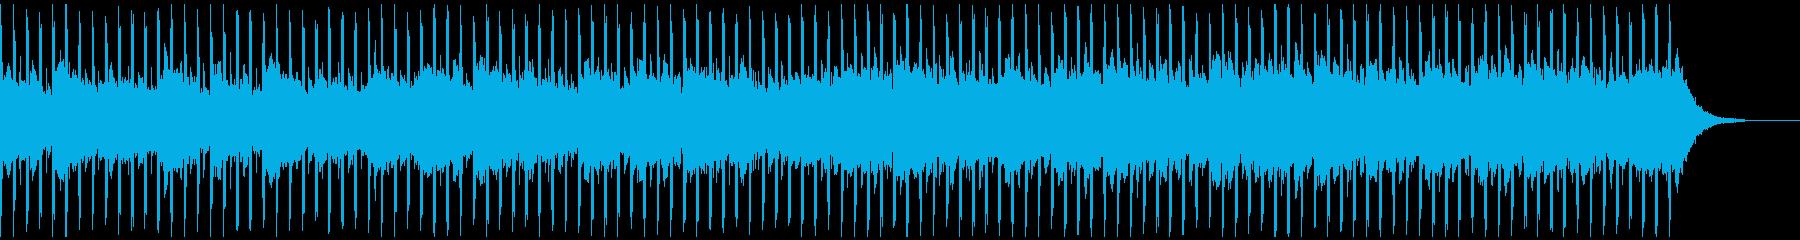 カンファレンスミュージック(中)の再生済みの波形